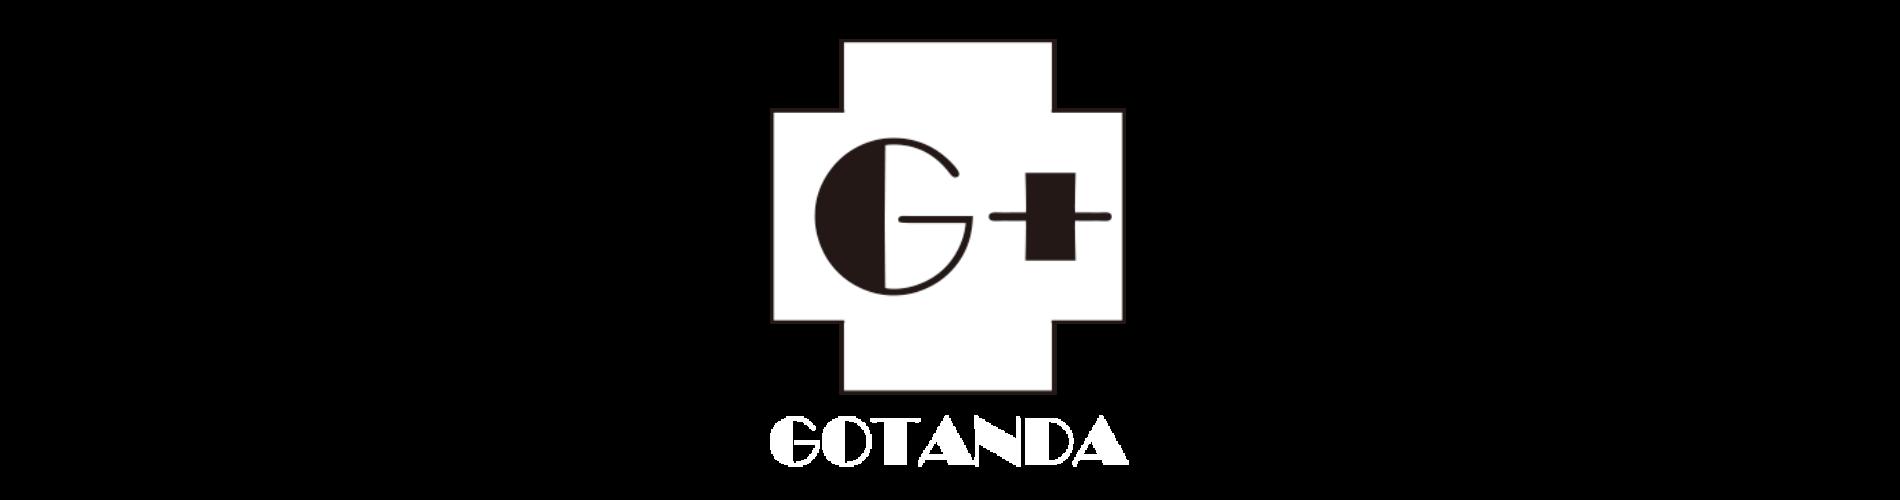 GOTANDA G+